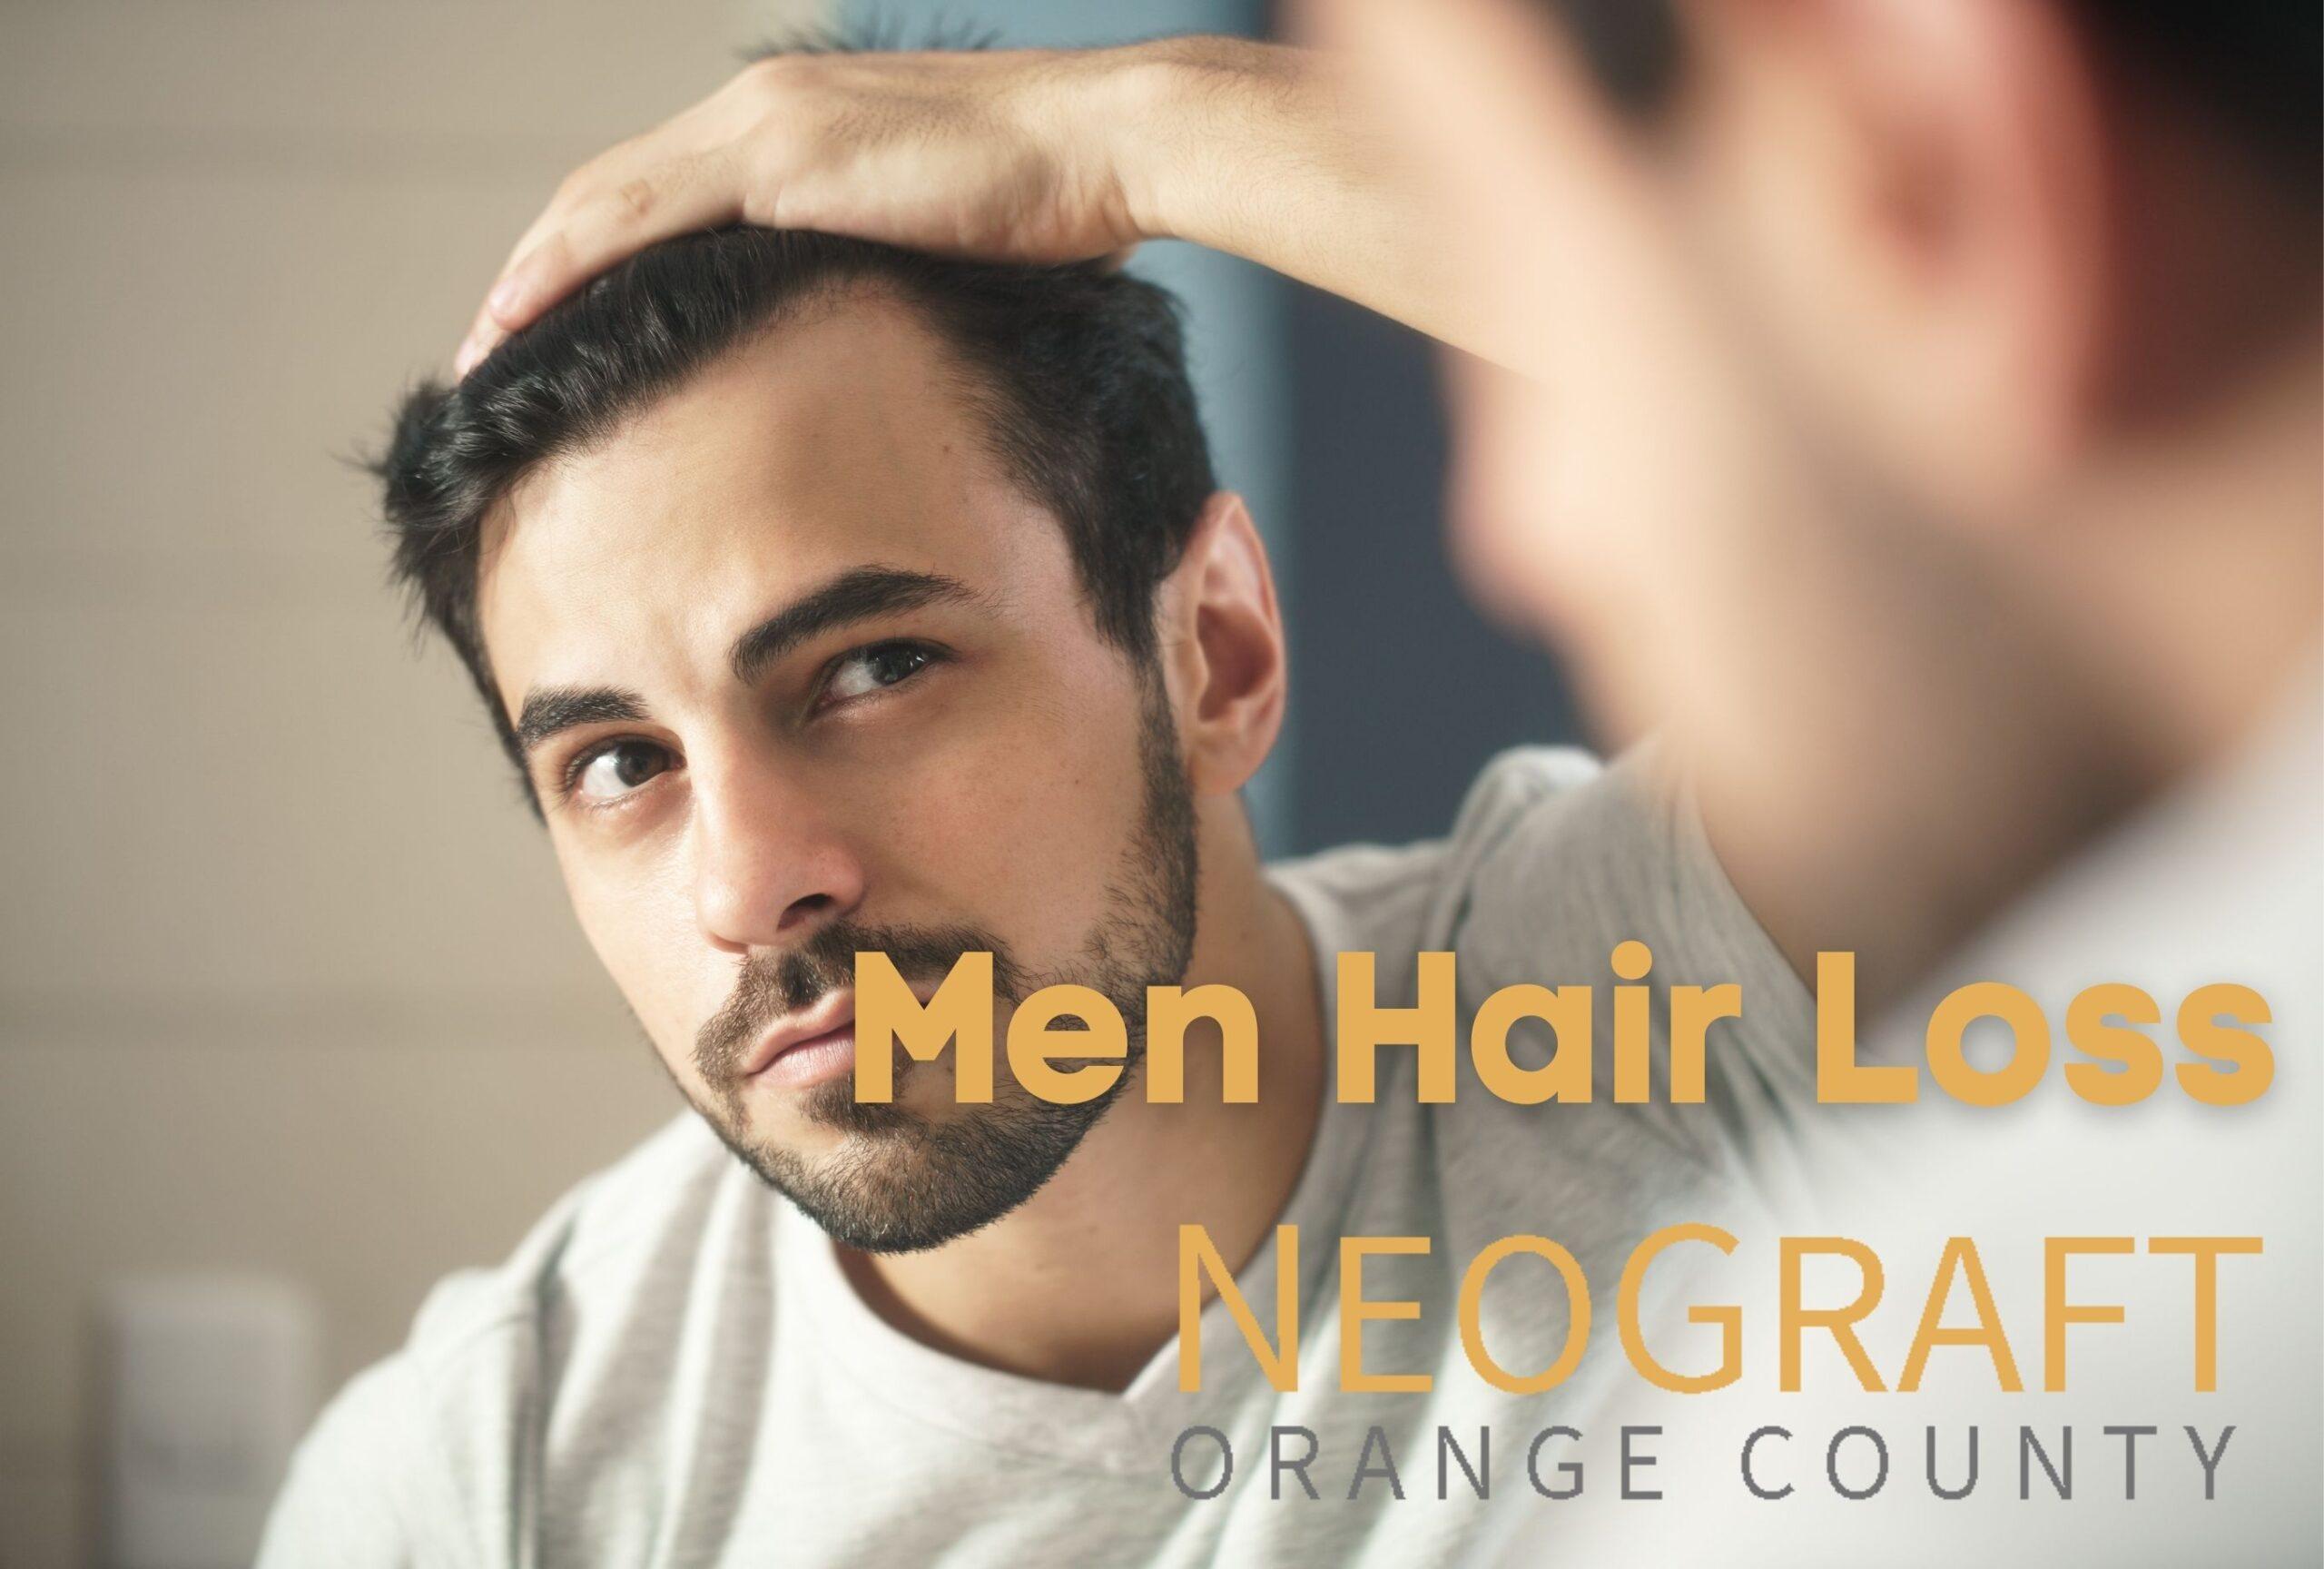 Men Hair Loss Newport Beach